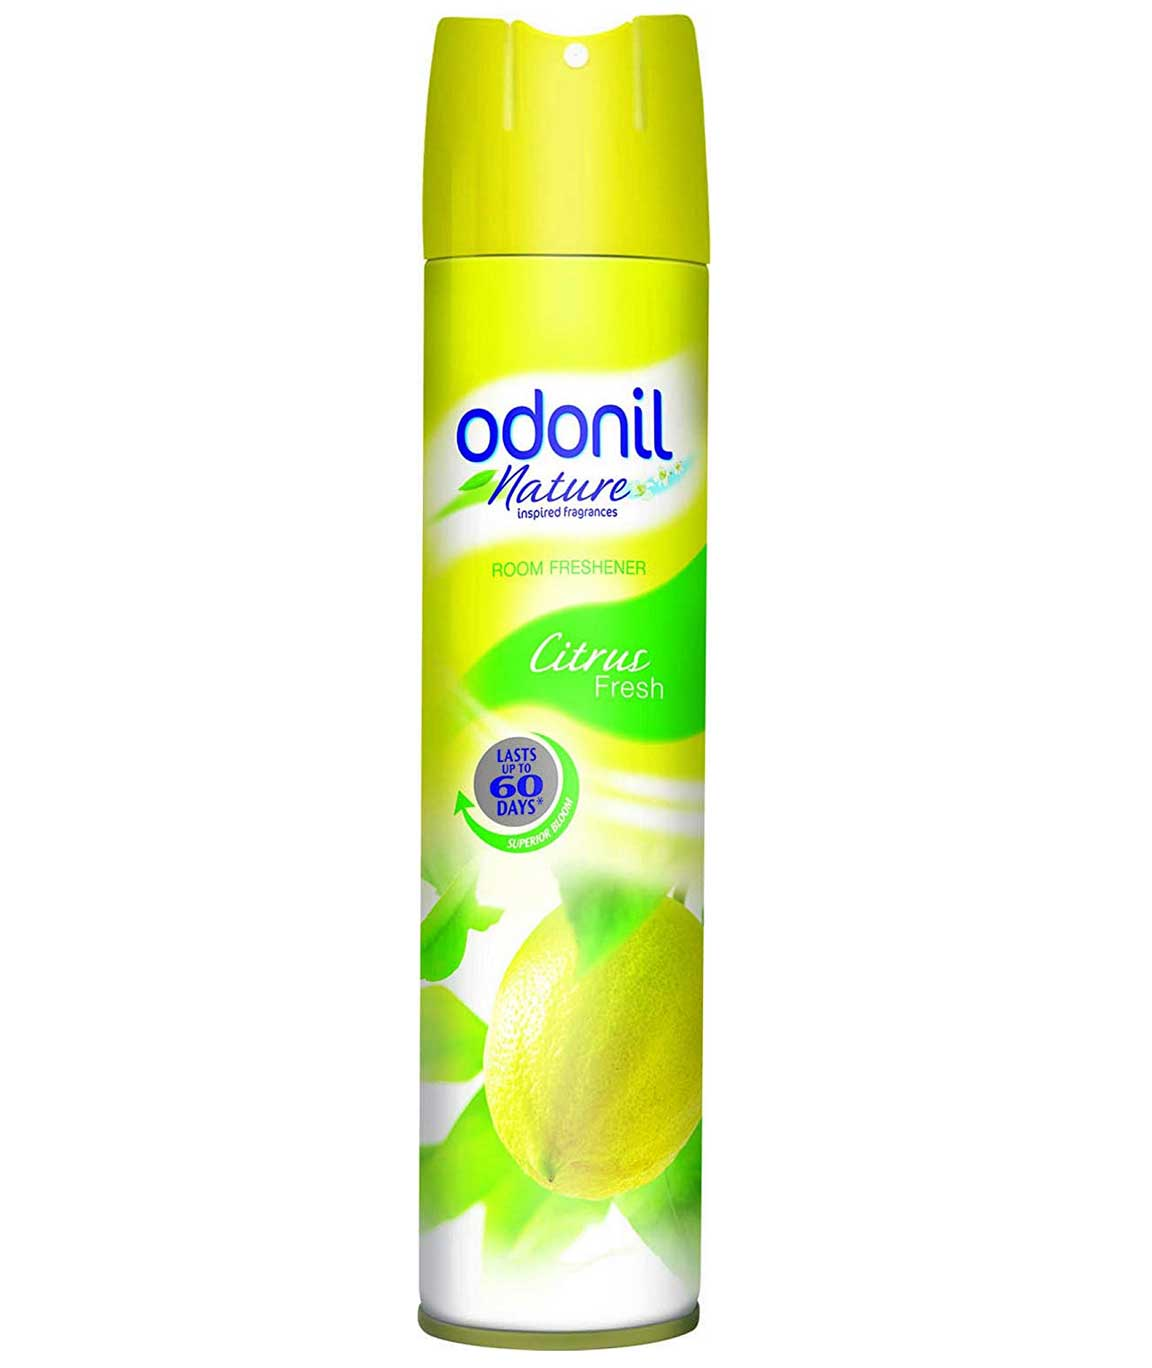 Odonil Room Spray Home Freshener 140gm Citrus